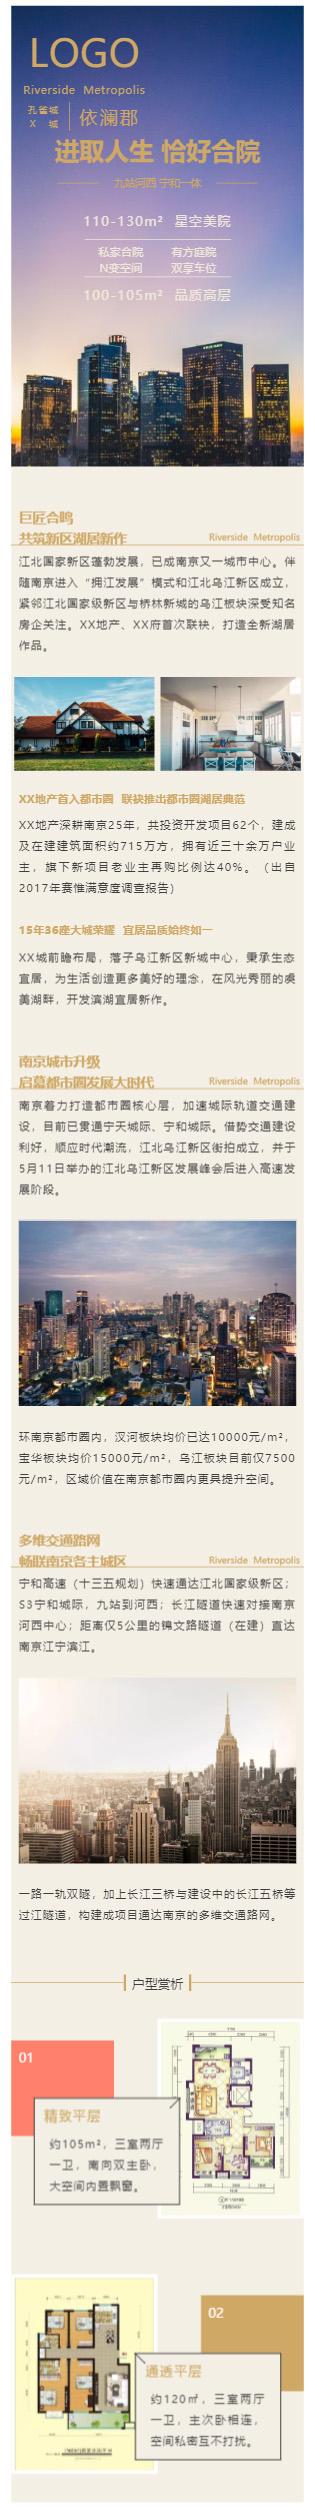 房地产商品房销售模板微信推文模板